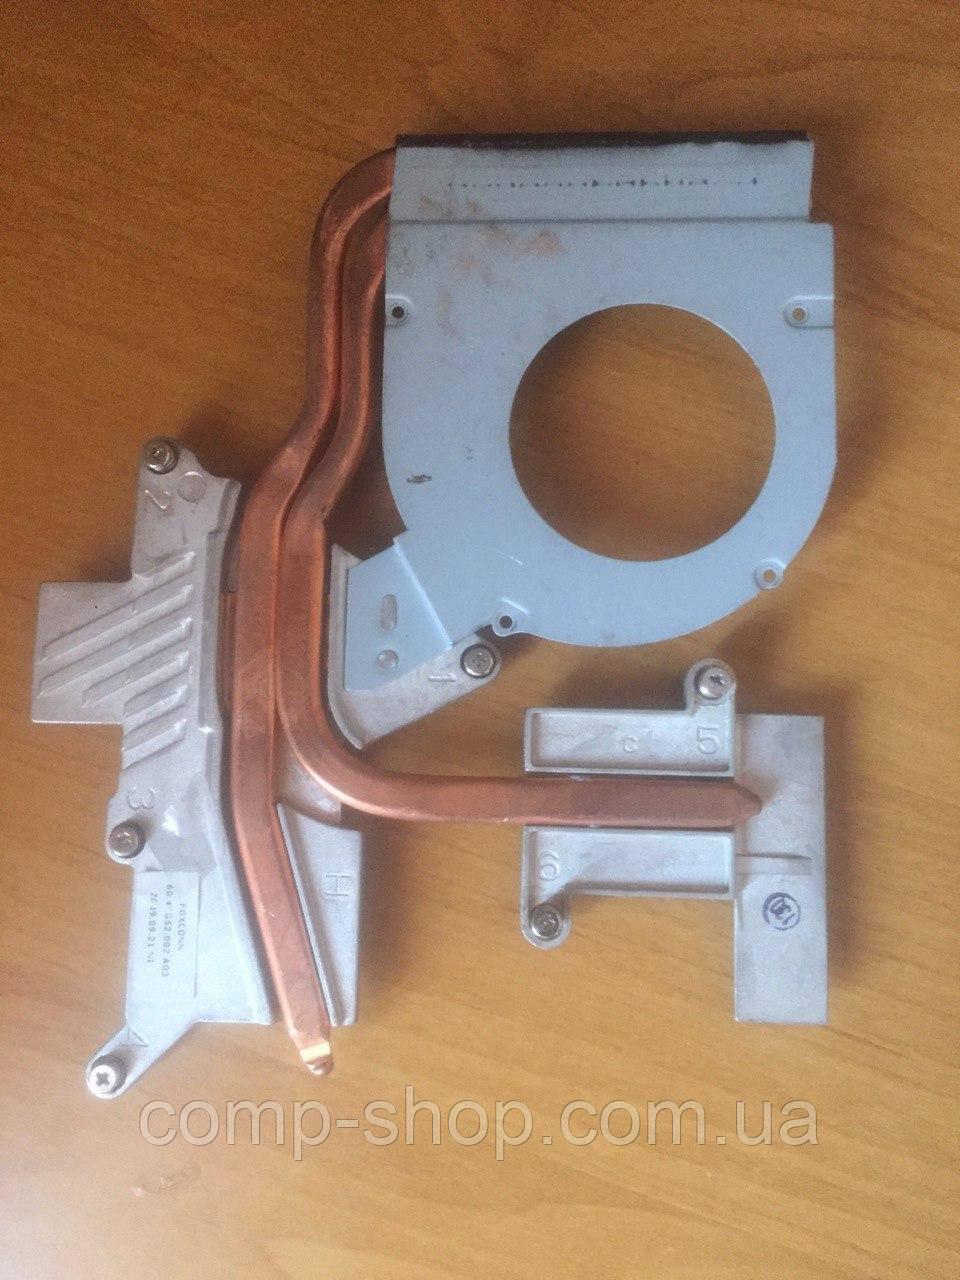 Часть системы охлаждения б/у оригинал 60.4CG52.002 A03